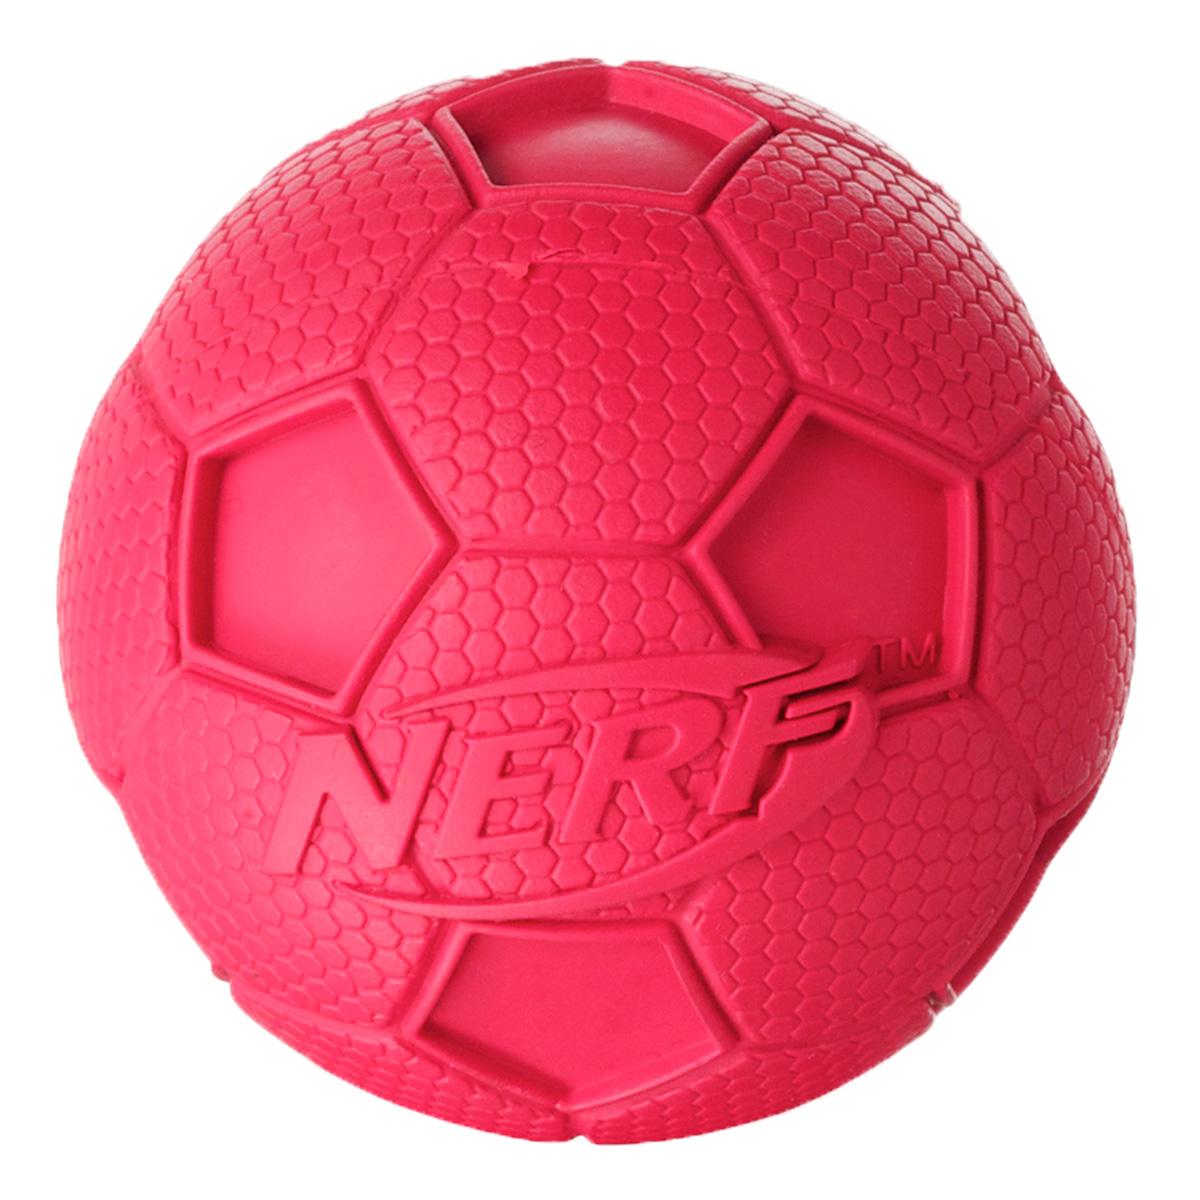 Игрушка для собак Nerf Мяч футбольный, с пищалкой, цвет: красный, 6 см75344Мяч Nerf выполнен из сверхпрочной резины. Оптимален для игры с собакой дома и на свежем воздухе.Подходит собакам с самой мощной челюстью!Высококачественные прочные материалы, из которых изготовлена игрушка, обеспечивают долговечность использования.Звук мяча дополнительно увлекает собаку игрой.Размер S: 6 см.